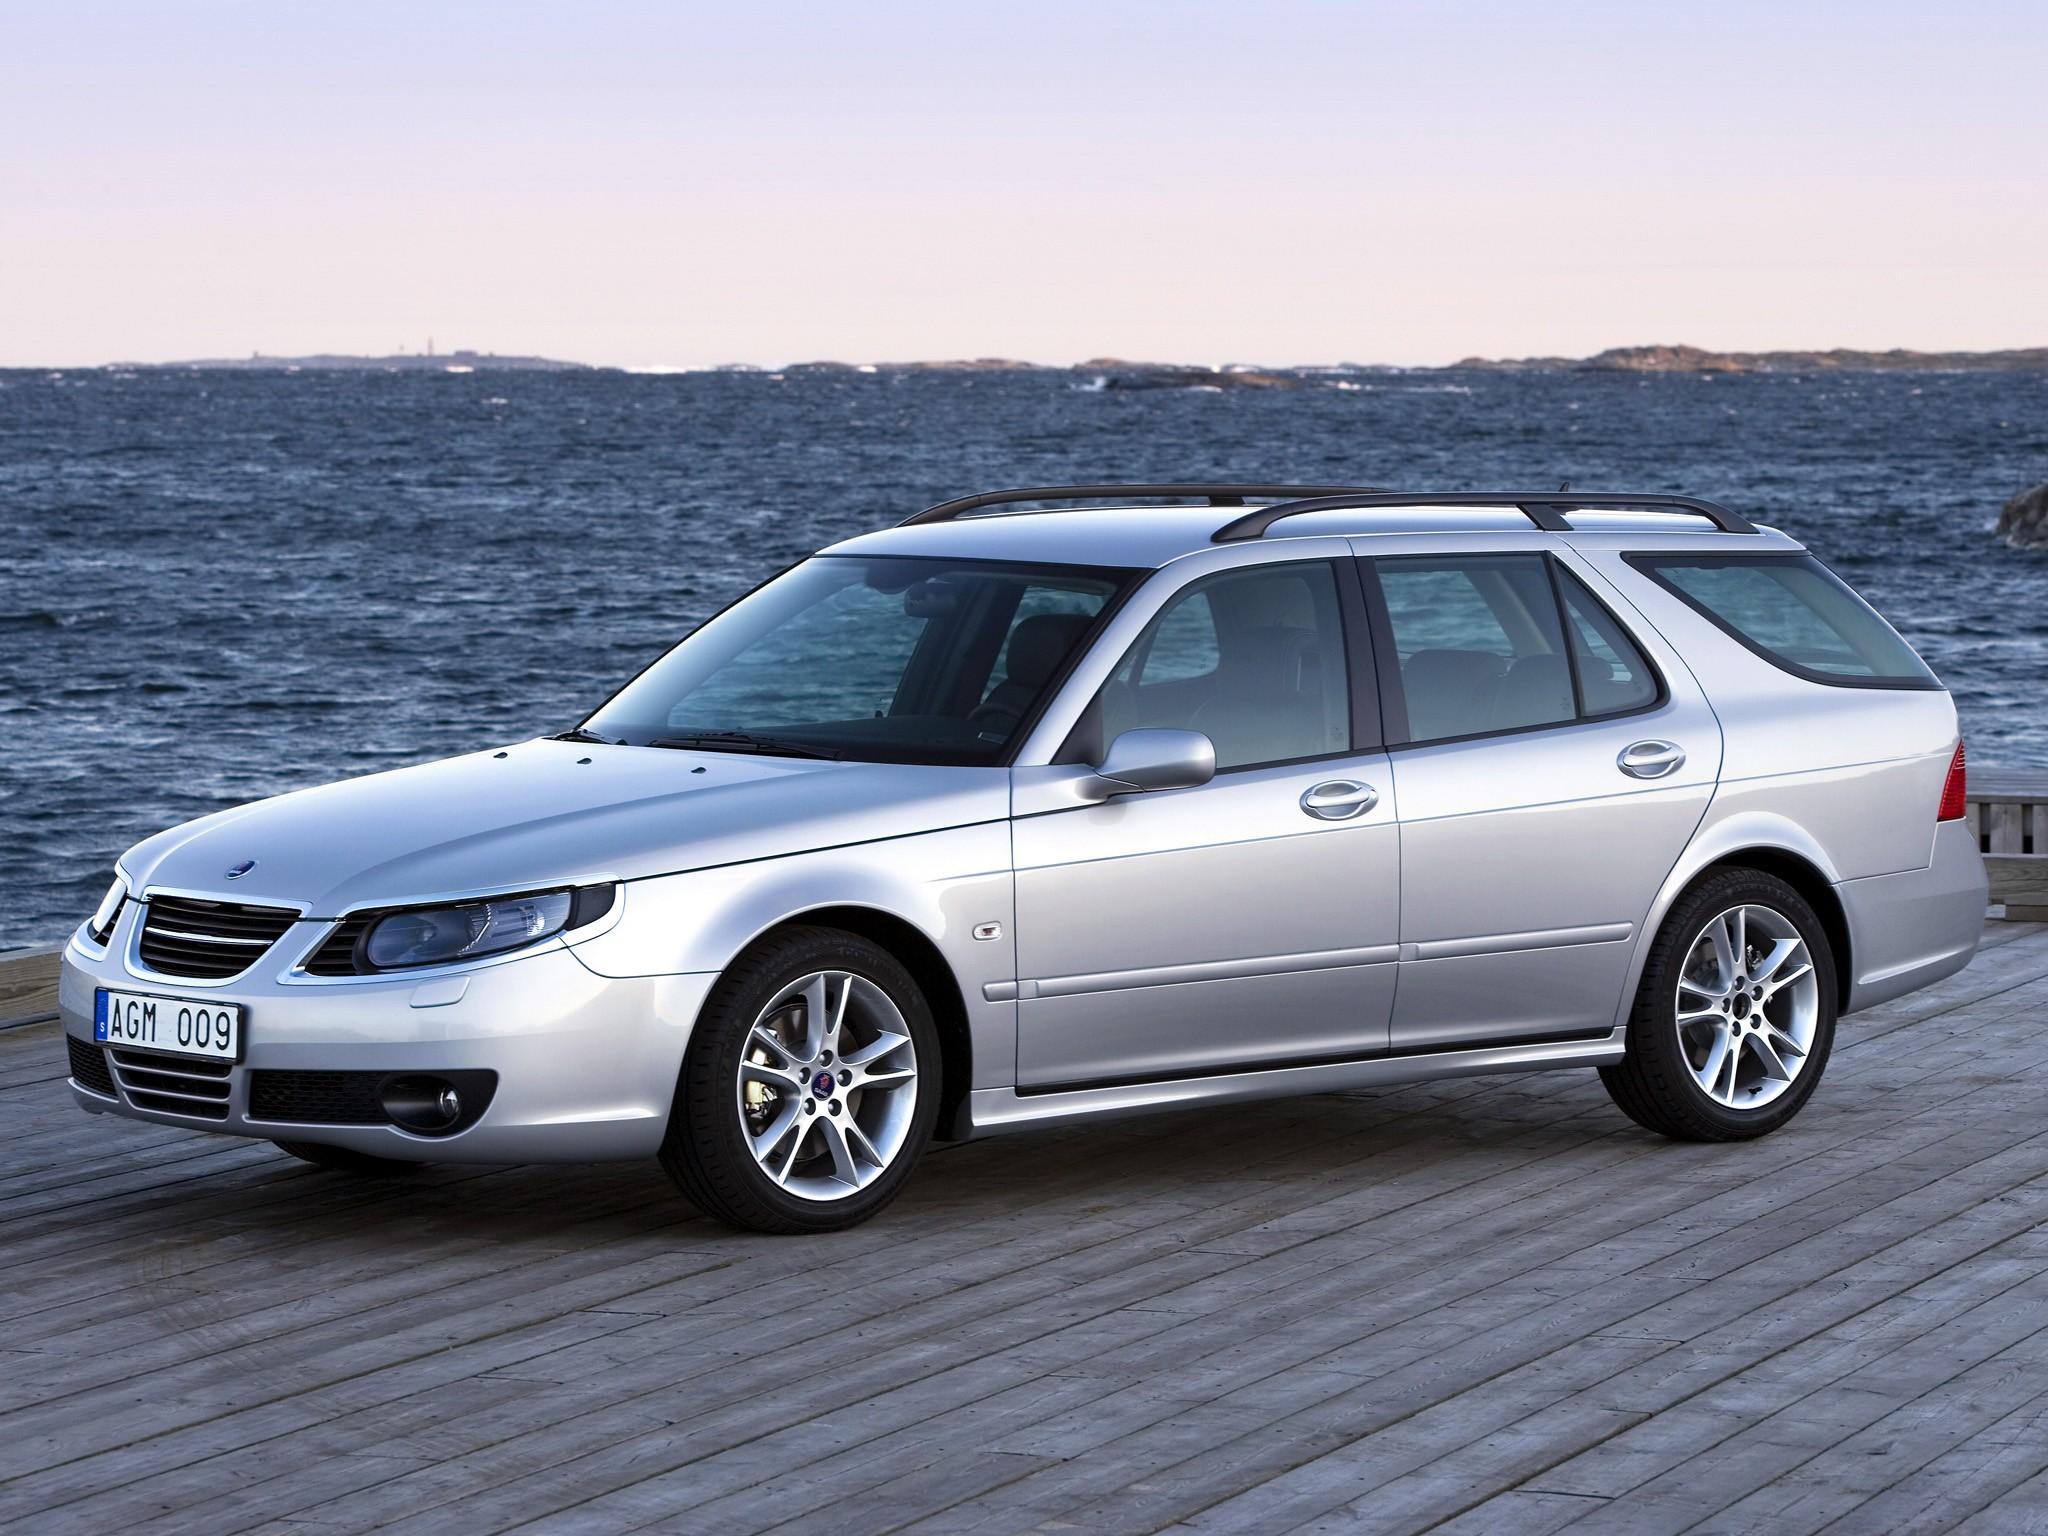 Saab Sportcombi on Saab 9 5 Aero Specs